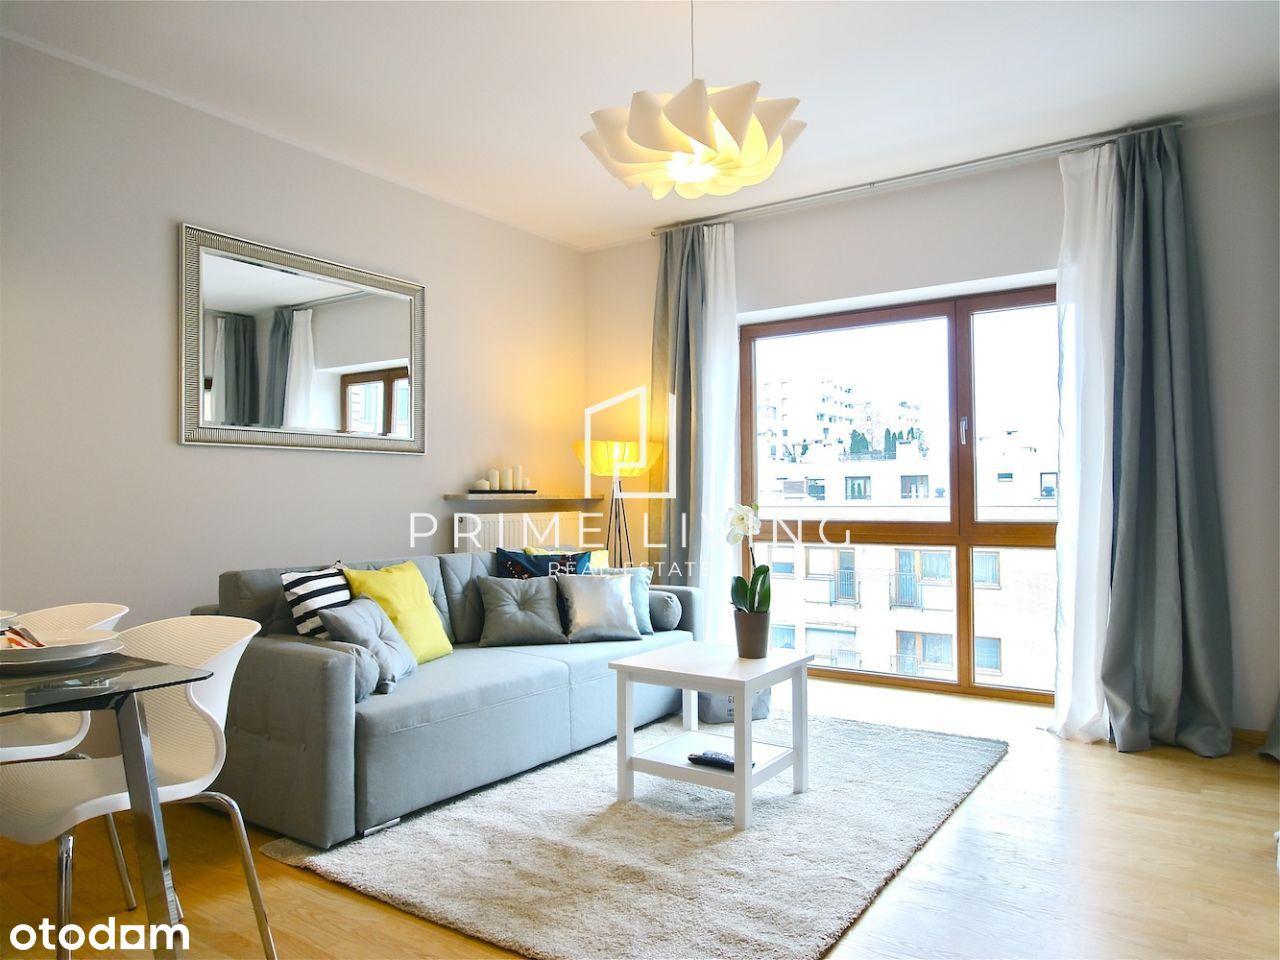 3 Pokojowy apartment - Eko Park, Żaryna